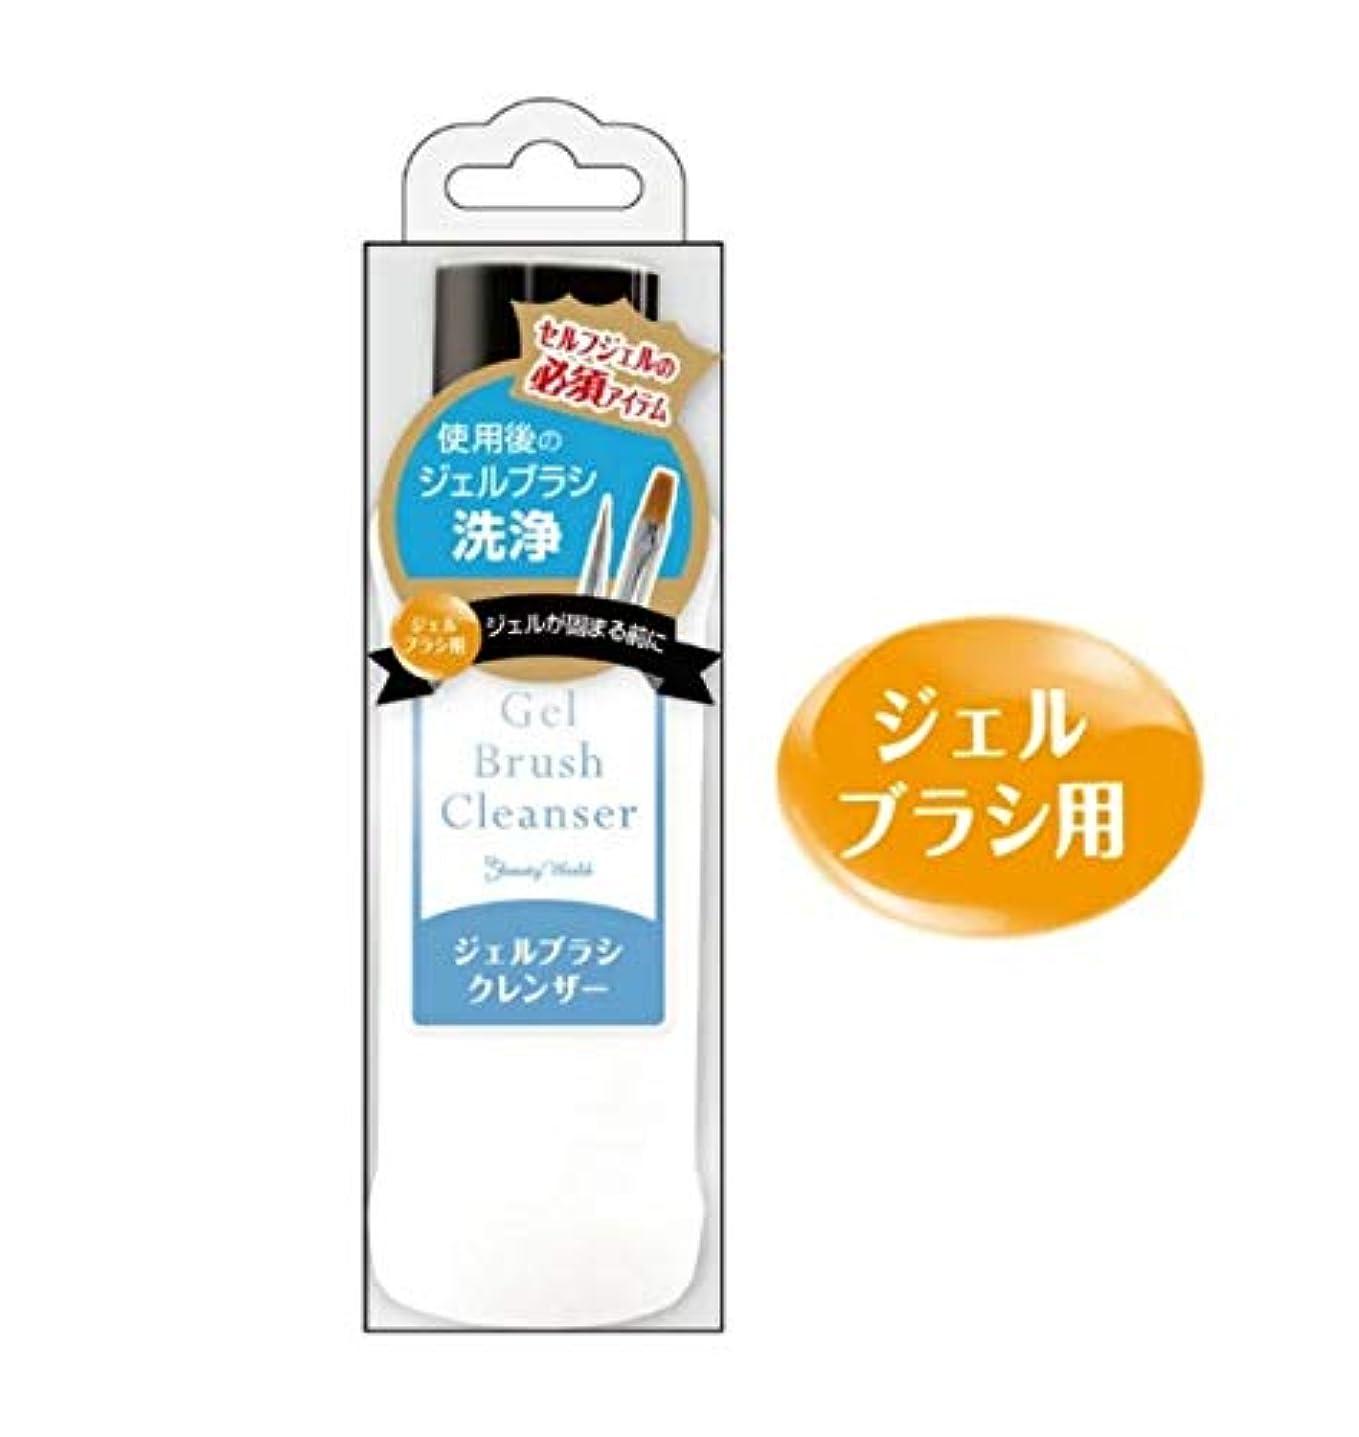 守る補助蓮ジェルブラシクレンザー 100ml BWC482 プチサイズ ネイル ブラシ 筆 洗浄 下準備 お手入れ 綺麗 プチプラ セルフ